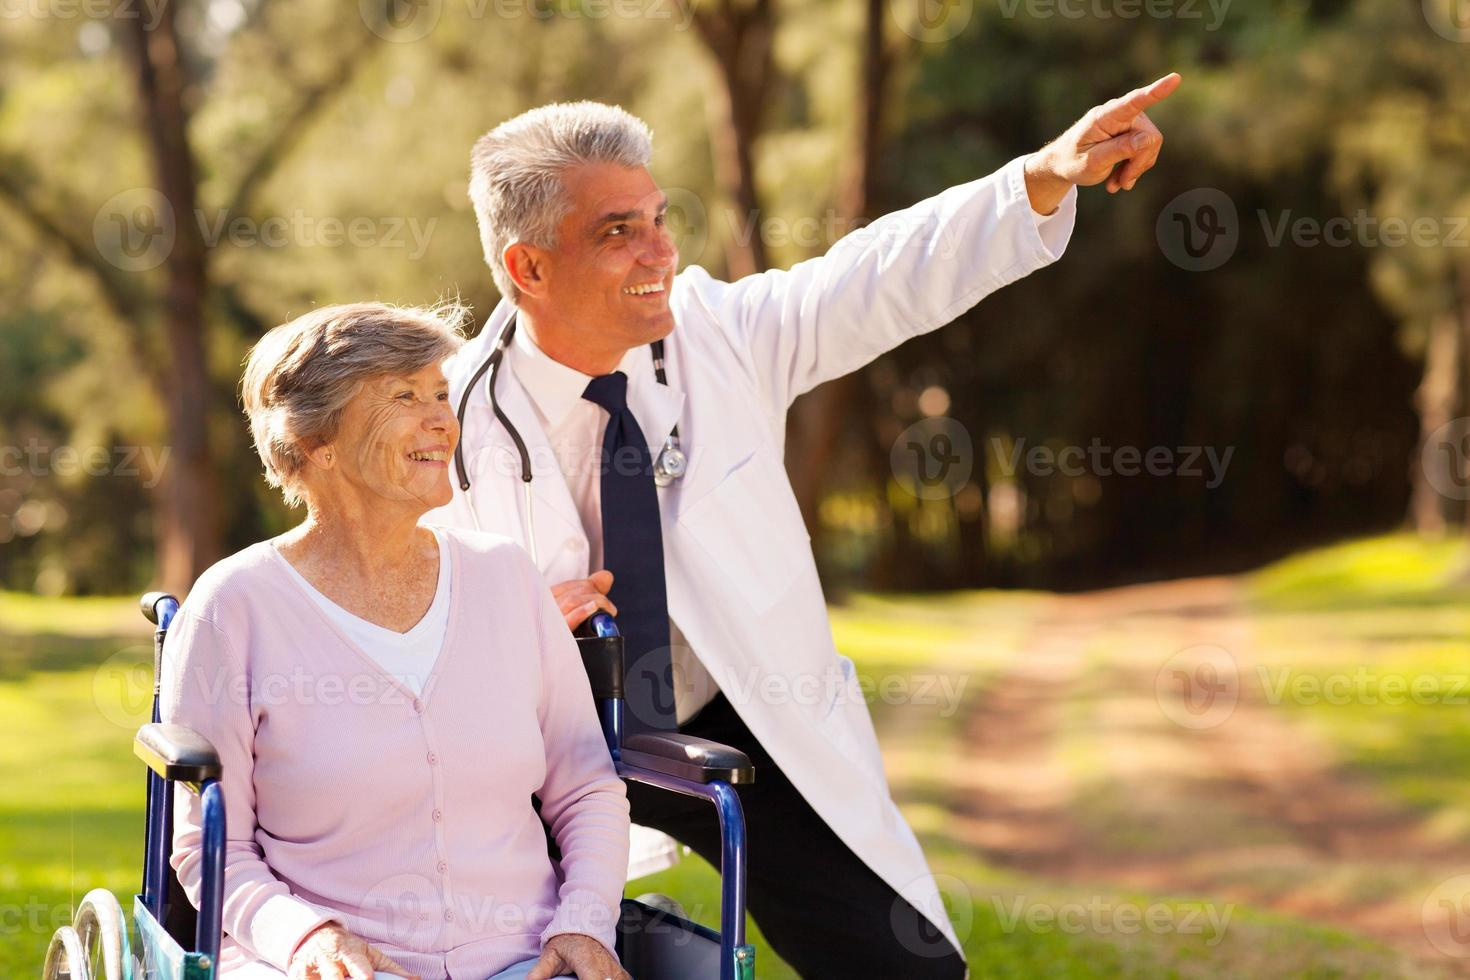 médico amigável e paciente sênior ao ar livre para passear foto